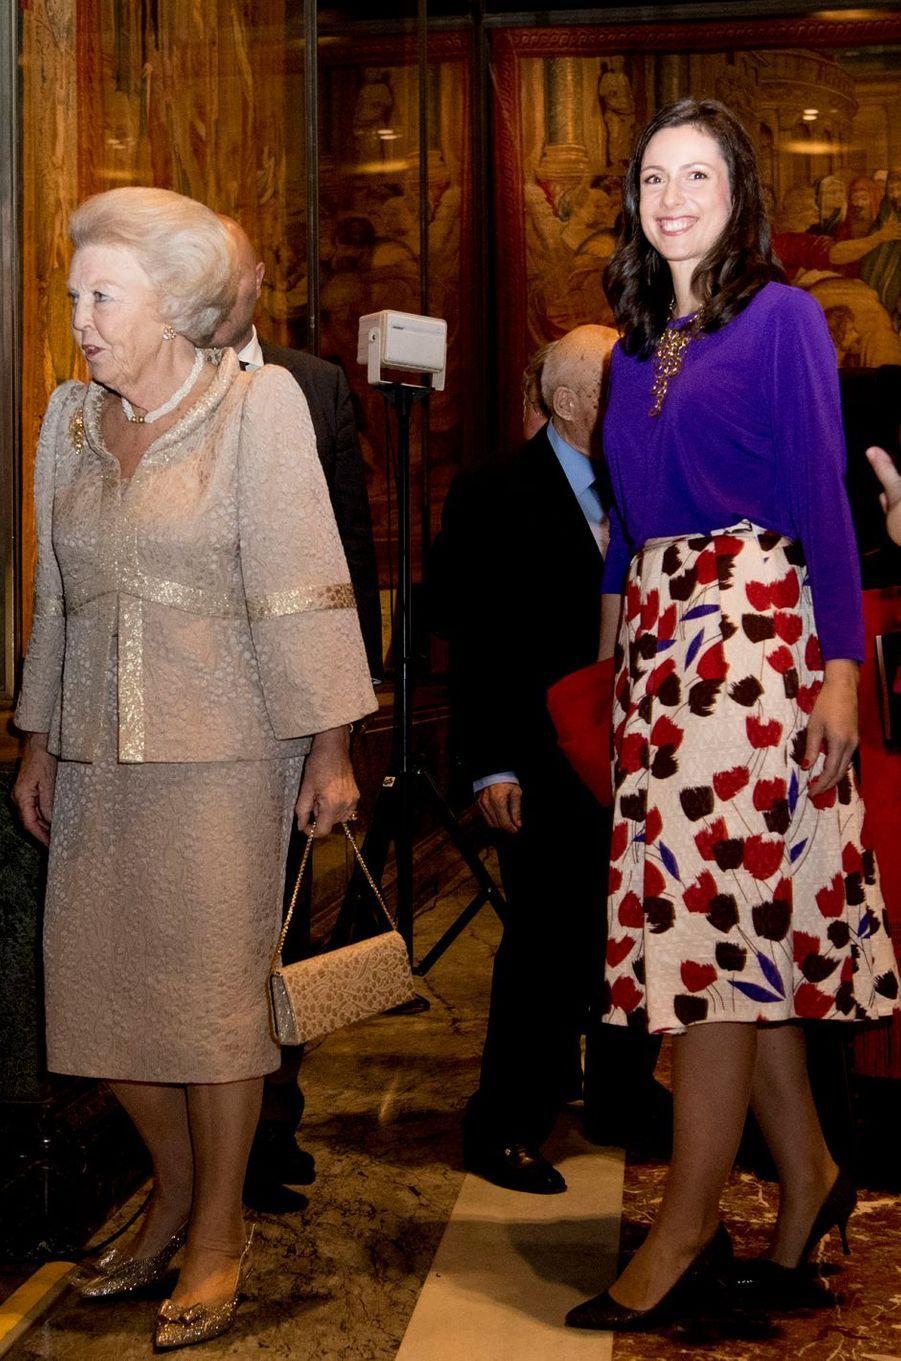 La princesse Beatrix des Pays-Bas avec la princesse Viktoria de Bourbon de Parme au Vatican, le 23 novembre 2016